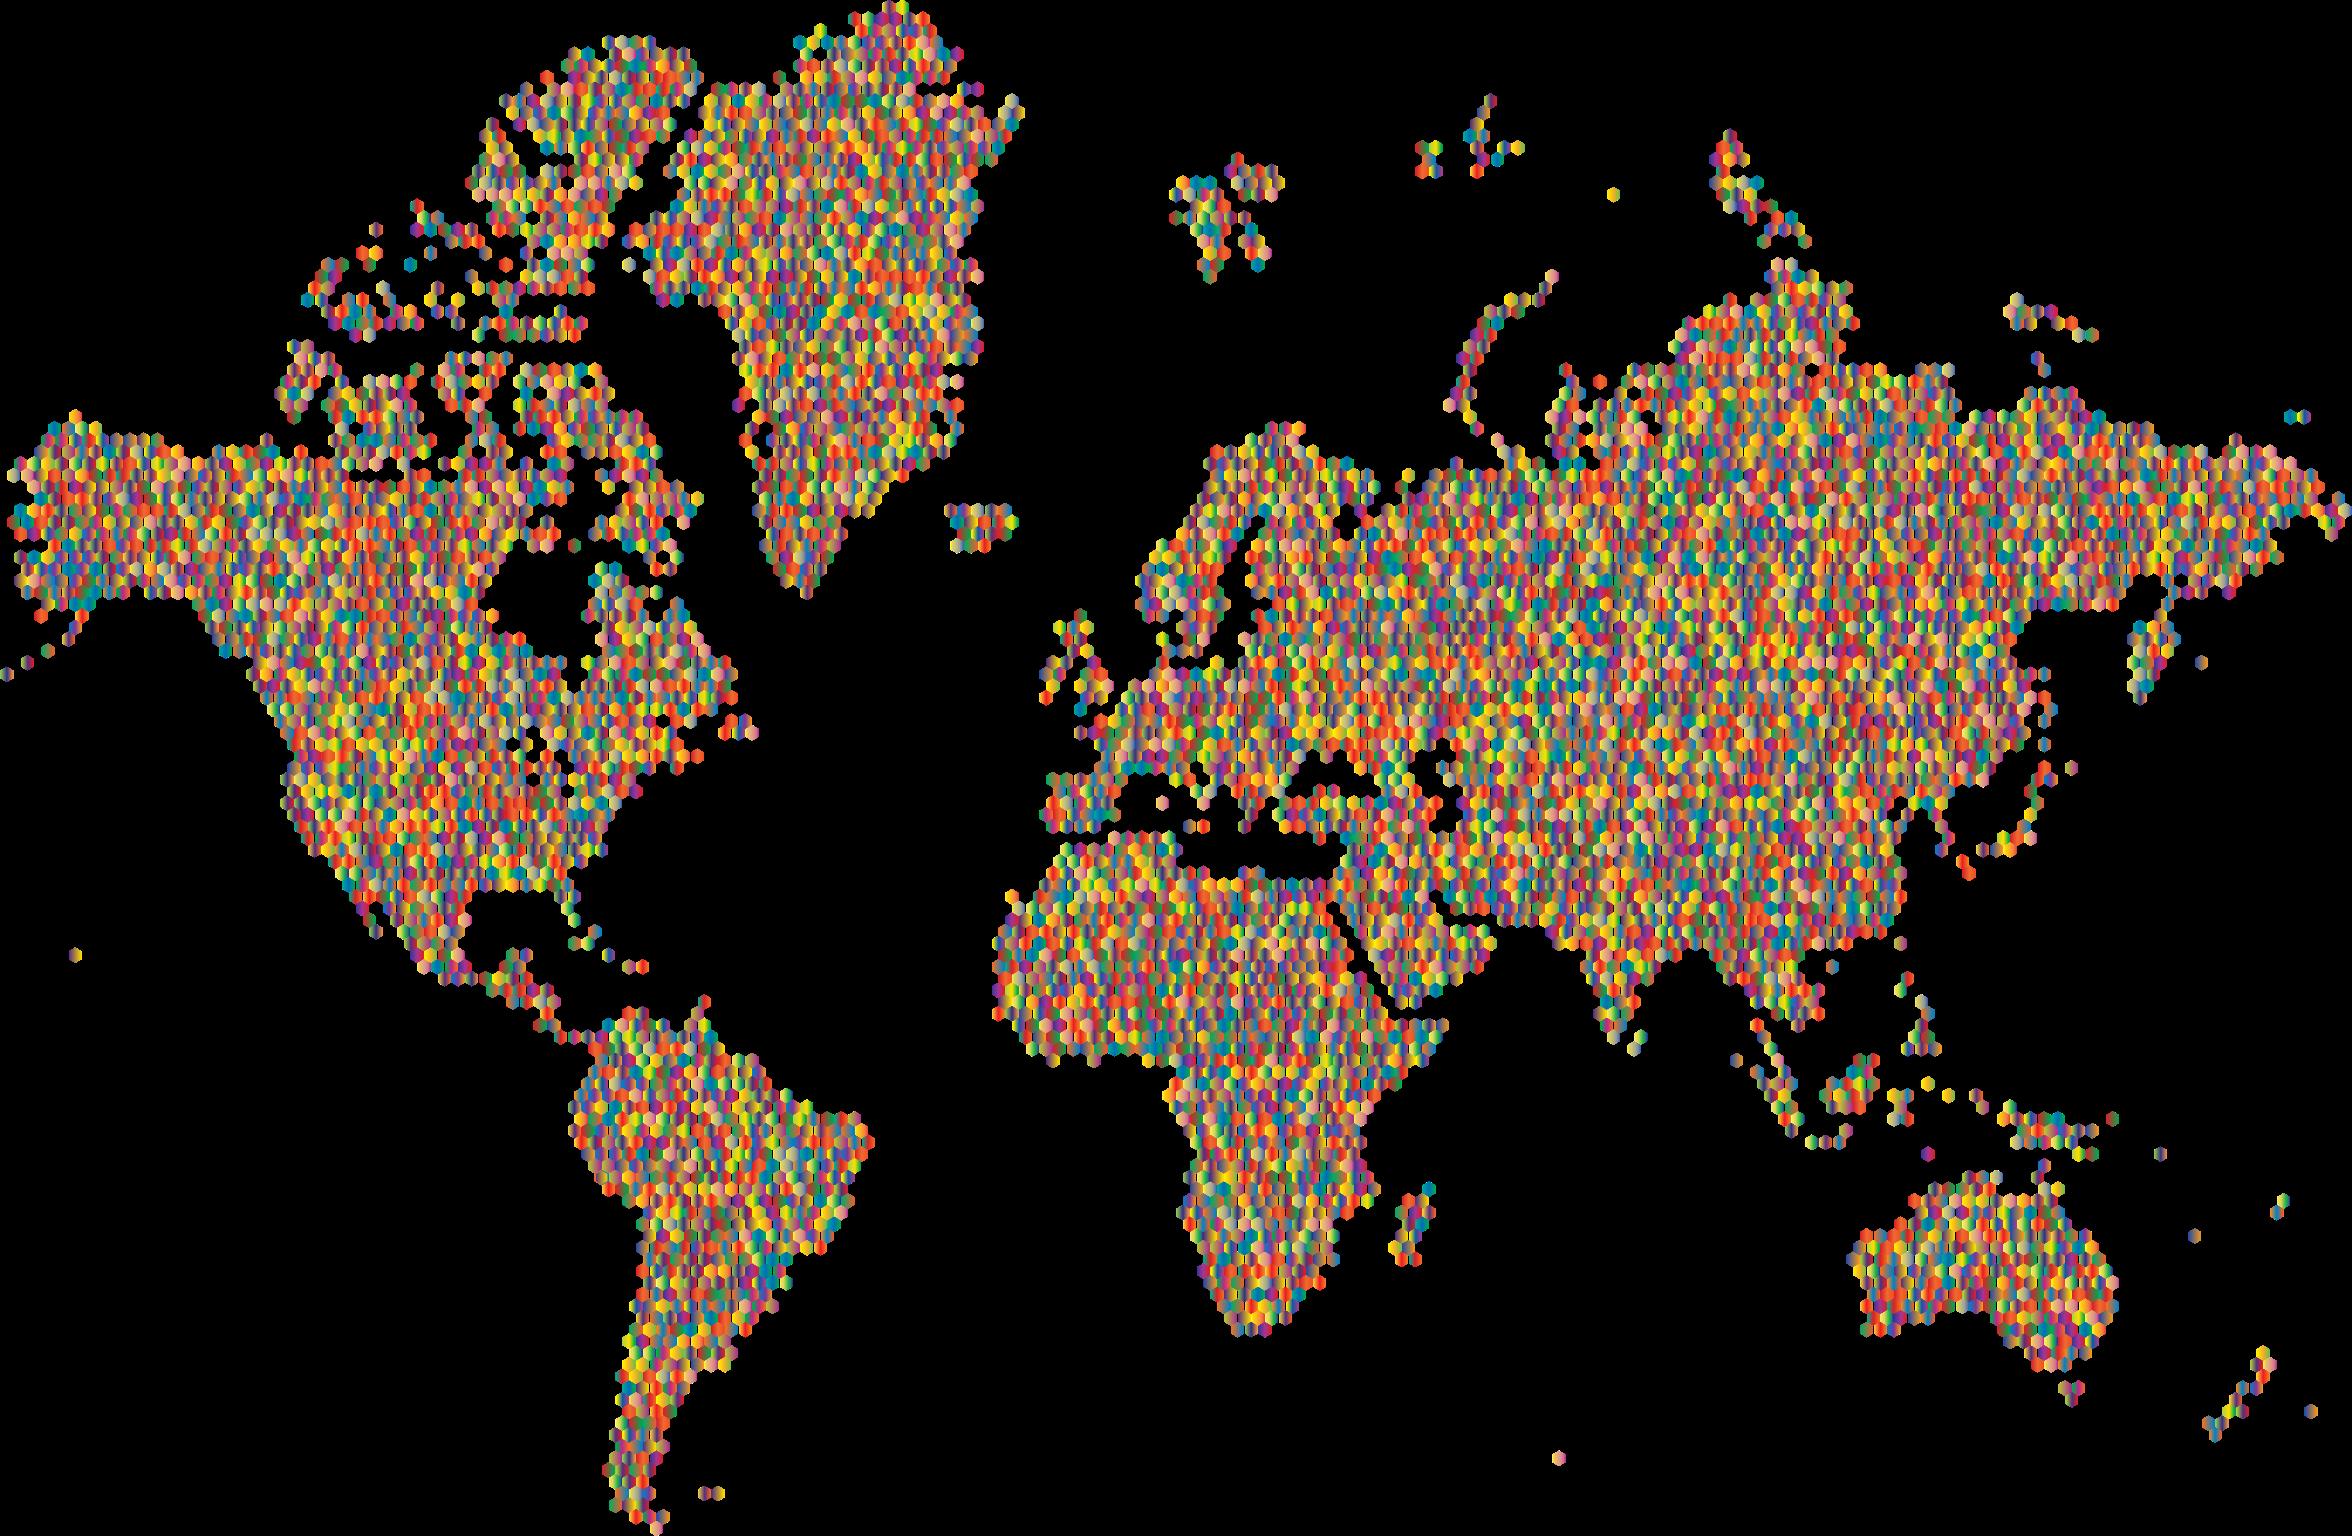 Prismatic hexagonal map no. Clipart world worldwide